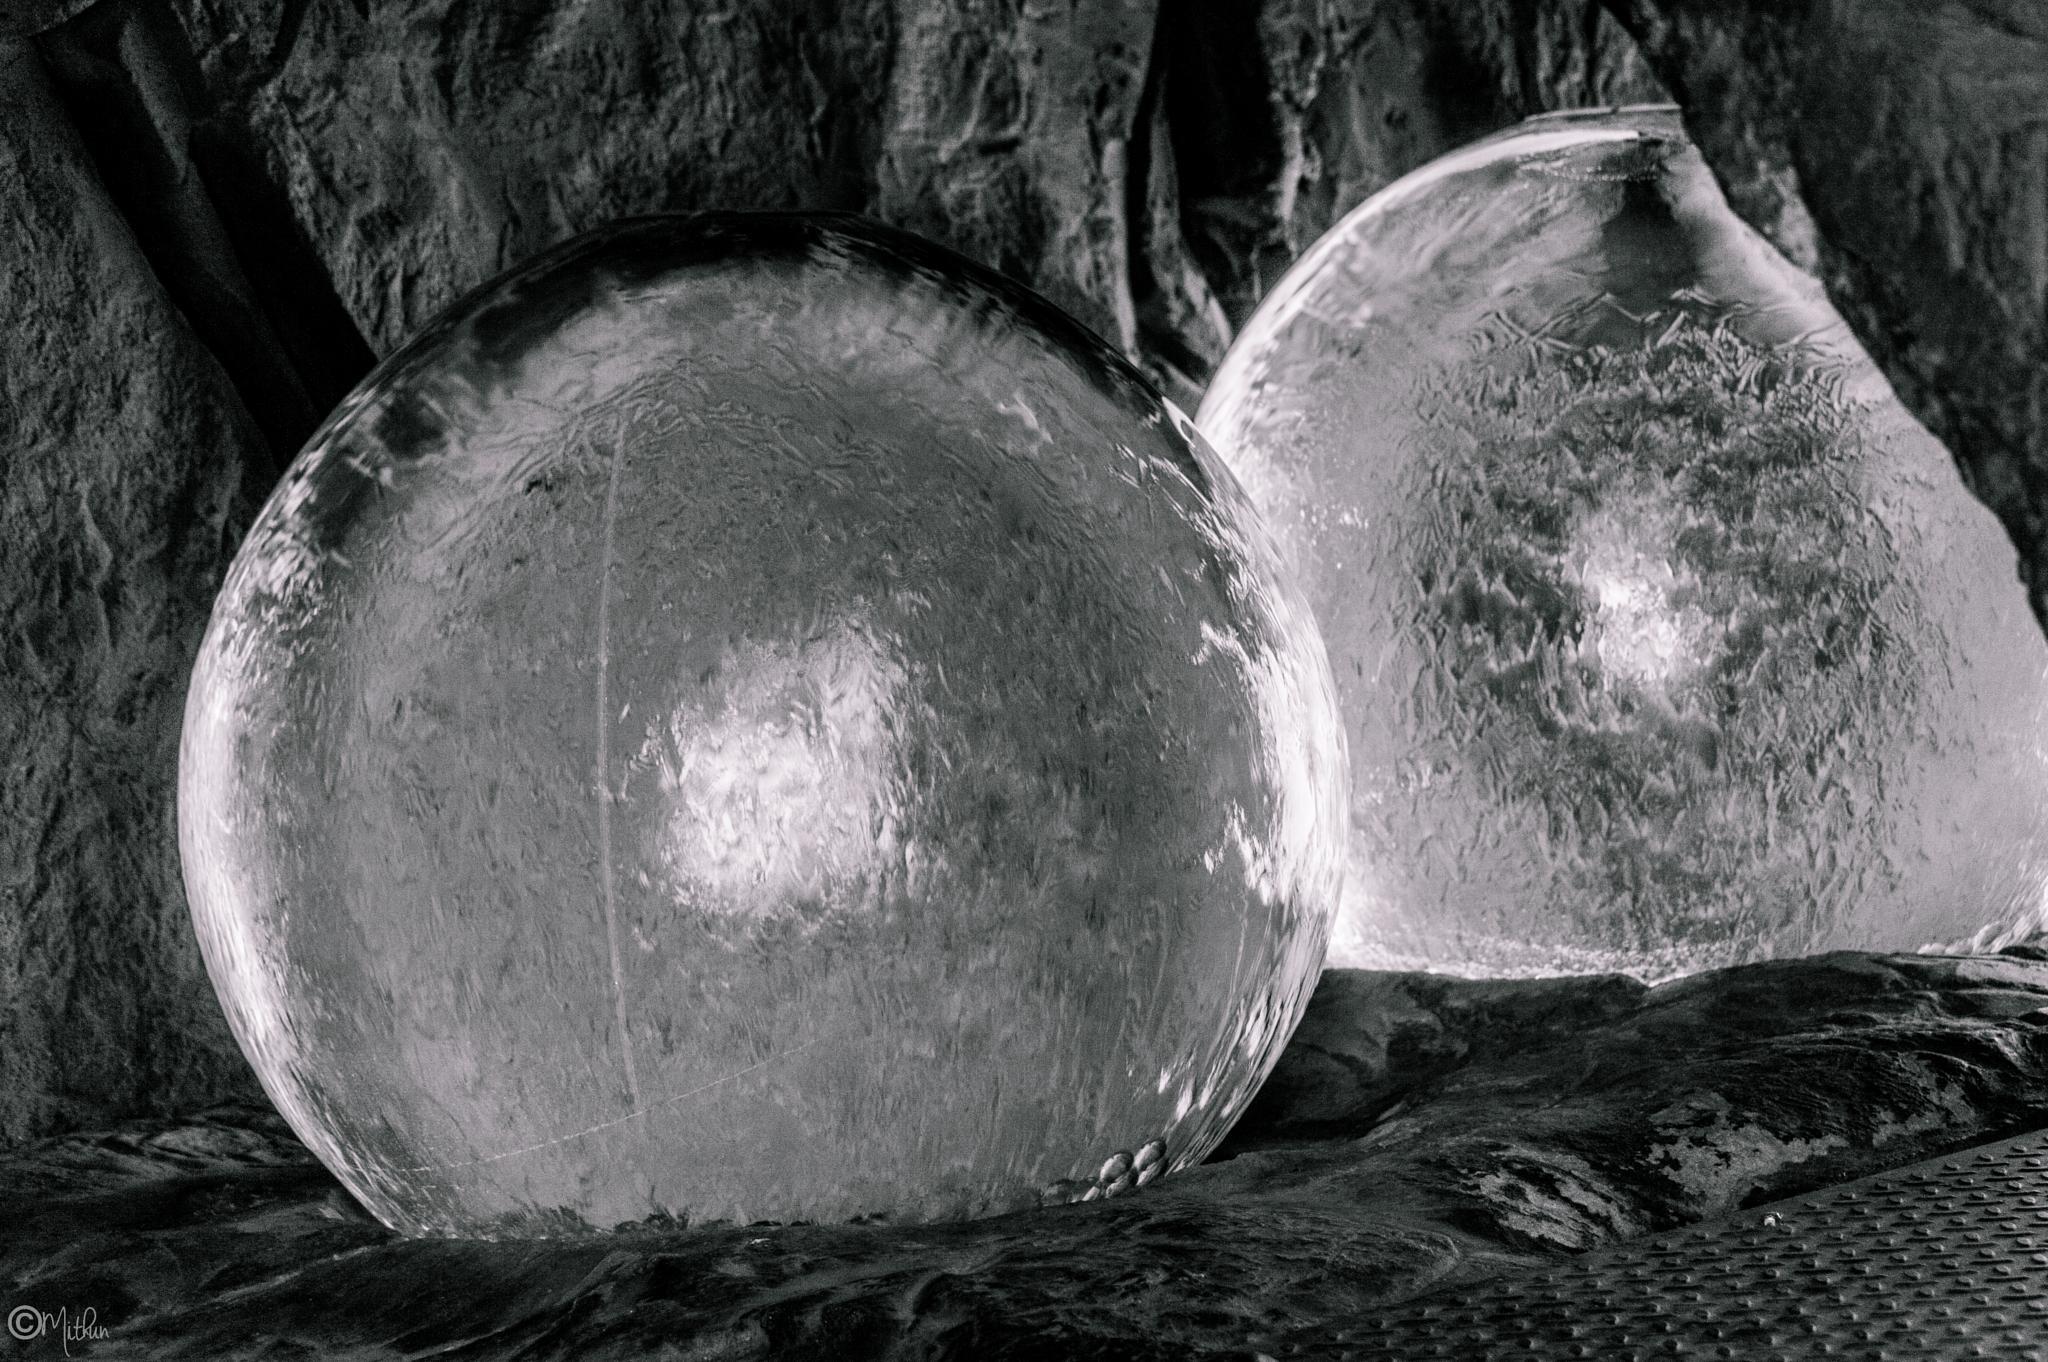 Water Ball by Mithun Mondal